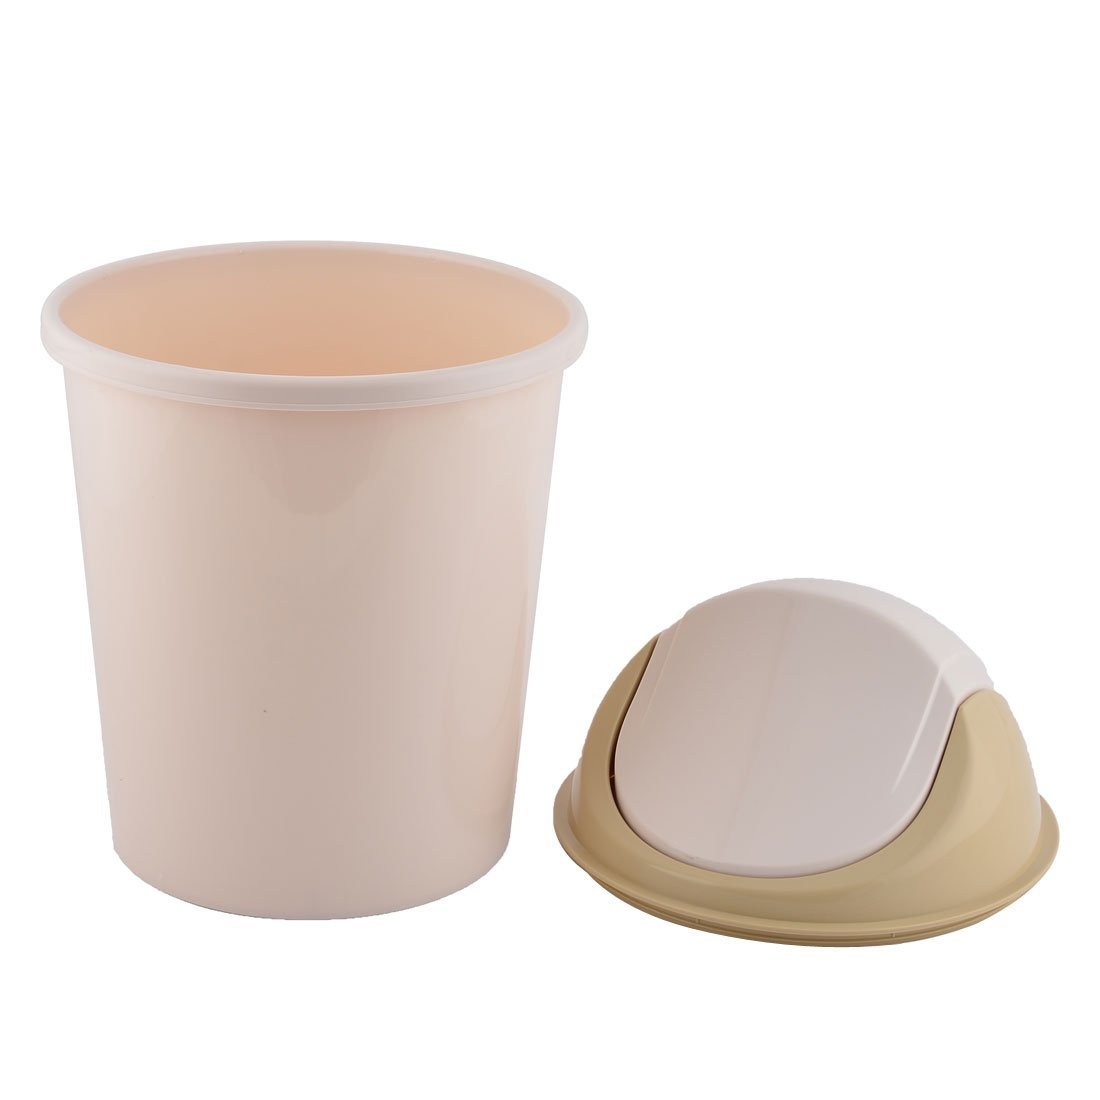 eDealMax plástico Inicio de basura La basura seedcase Wastepaper Holder Caja de almacenamiento Bin Can Beige